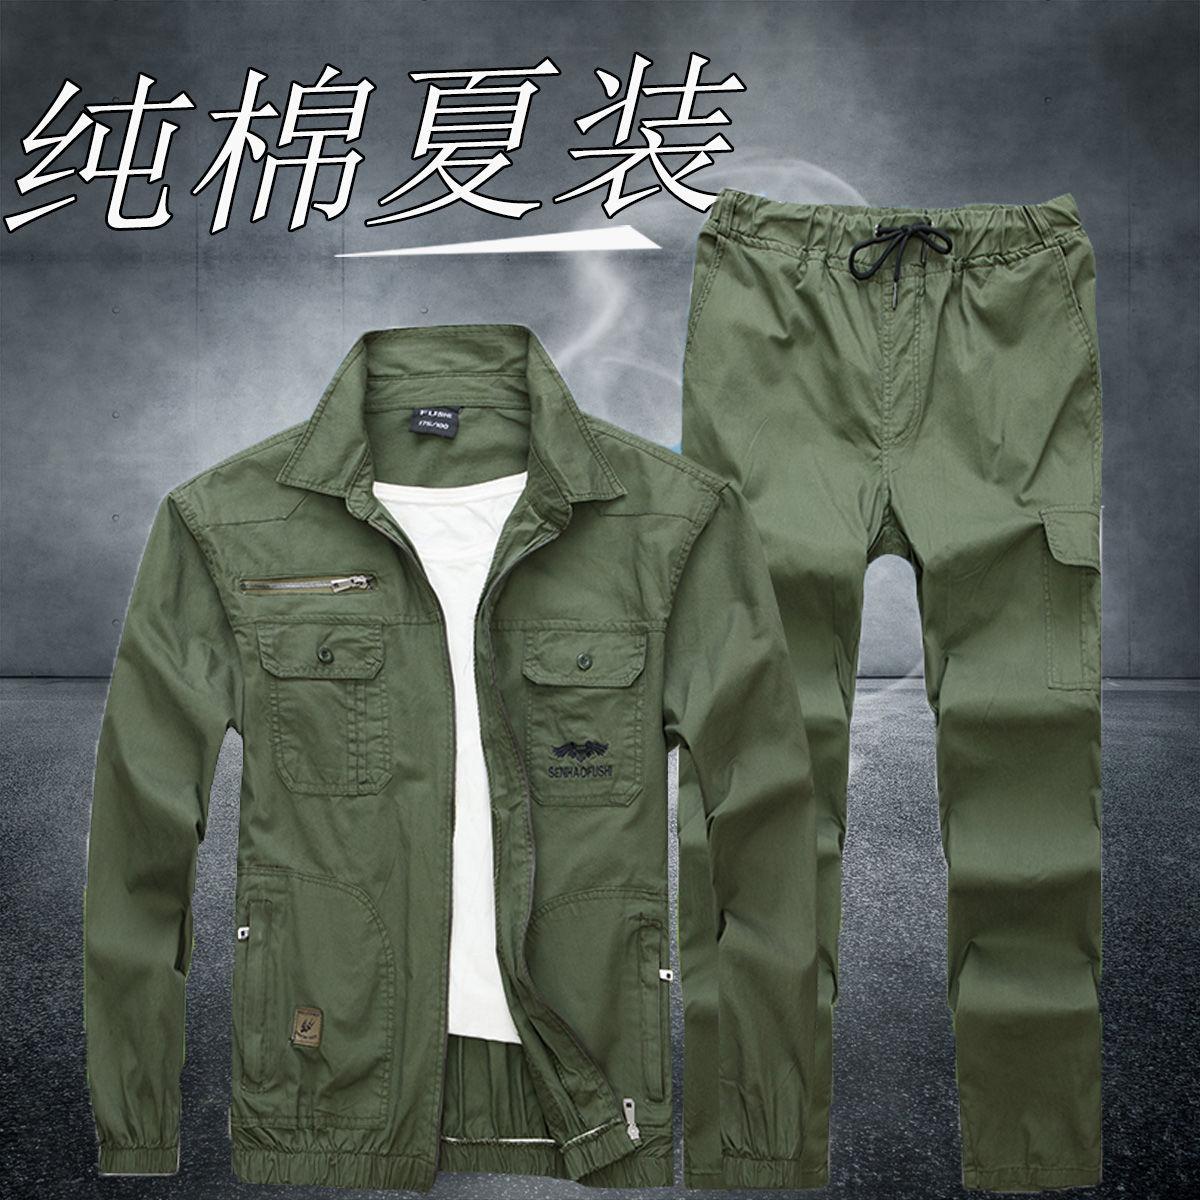 纯棉夏季薄款工作服套装男士长袖电焊防烫耐磨建筑工地耐脏劳保服